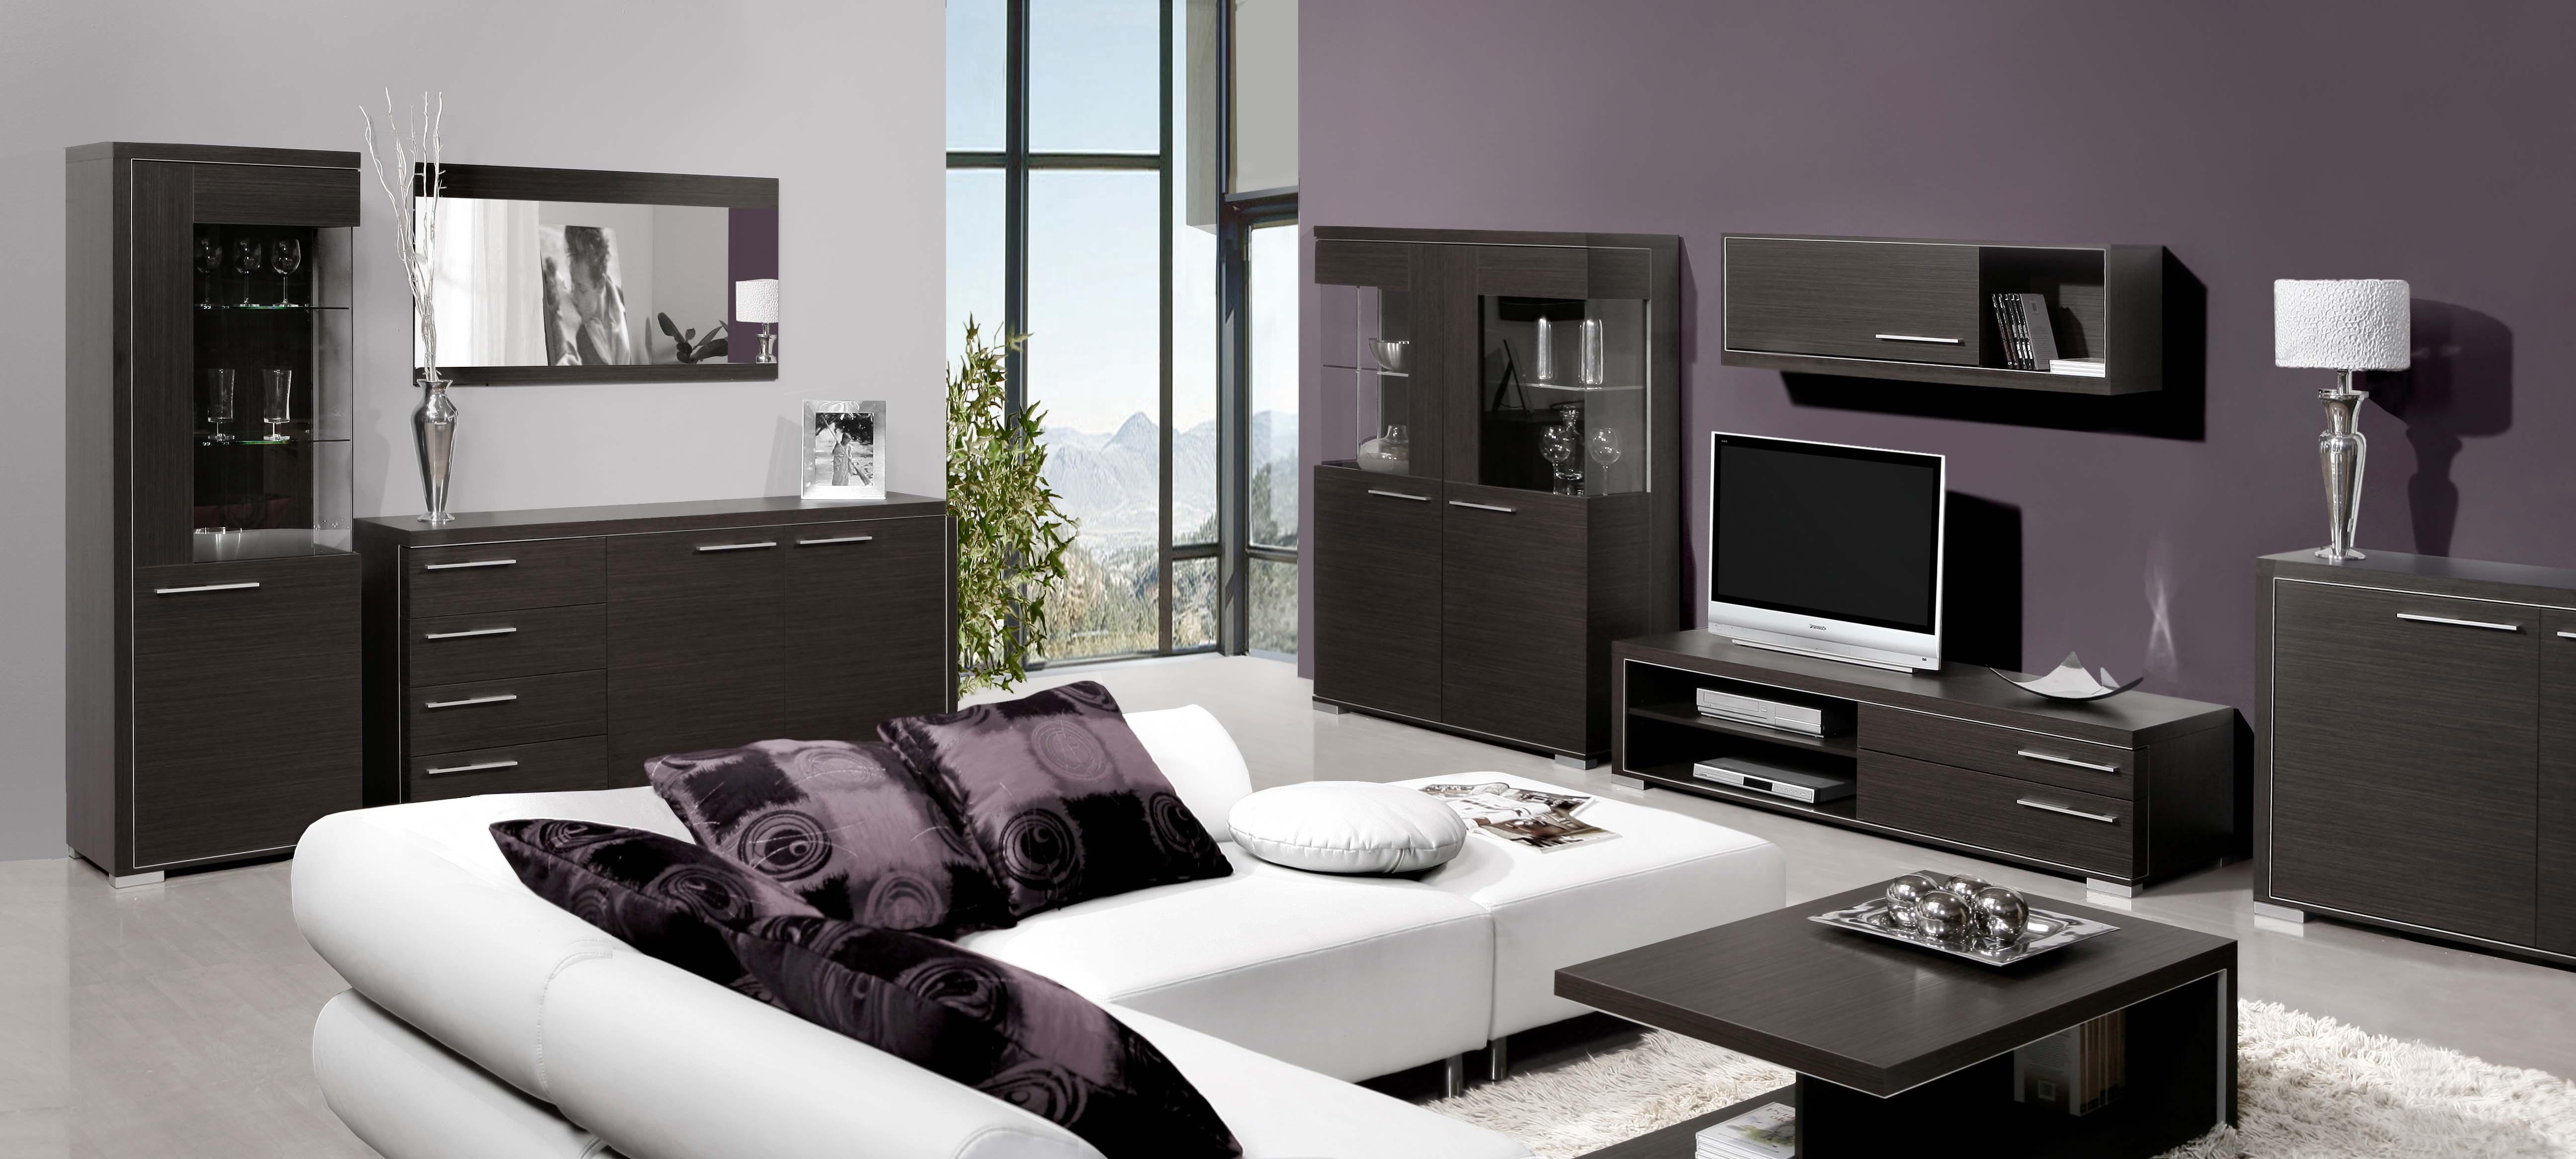 Где лучше приобретать мебель для дома